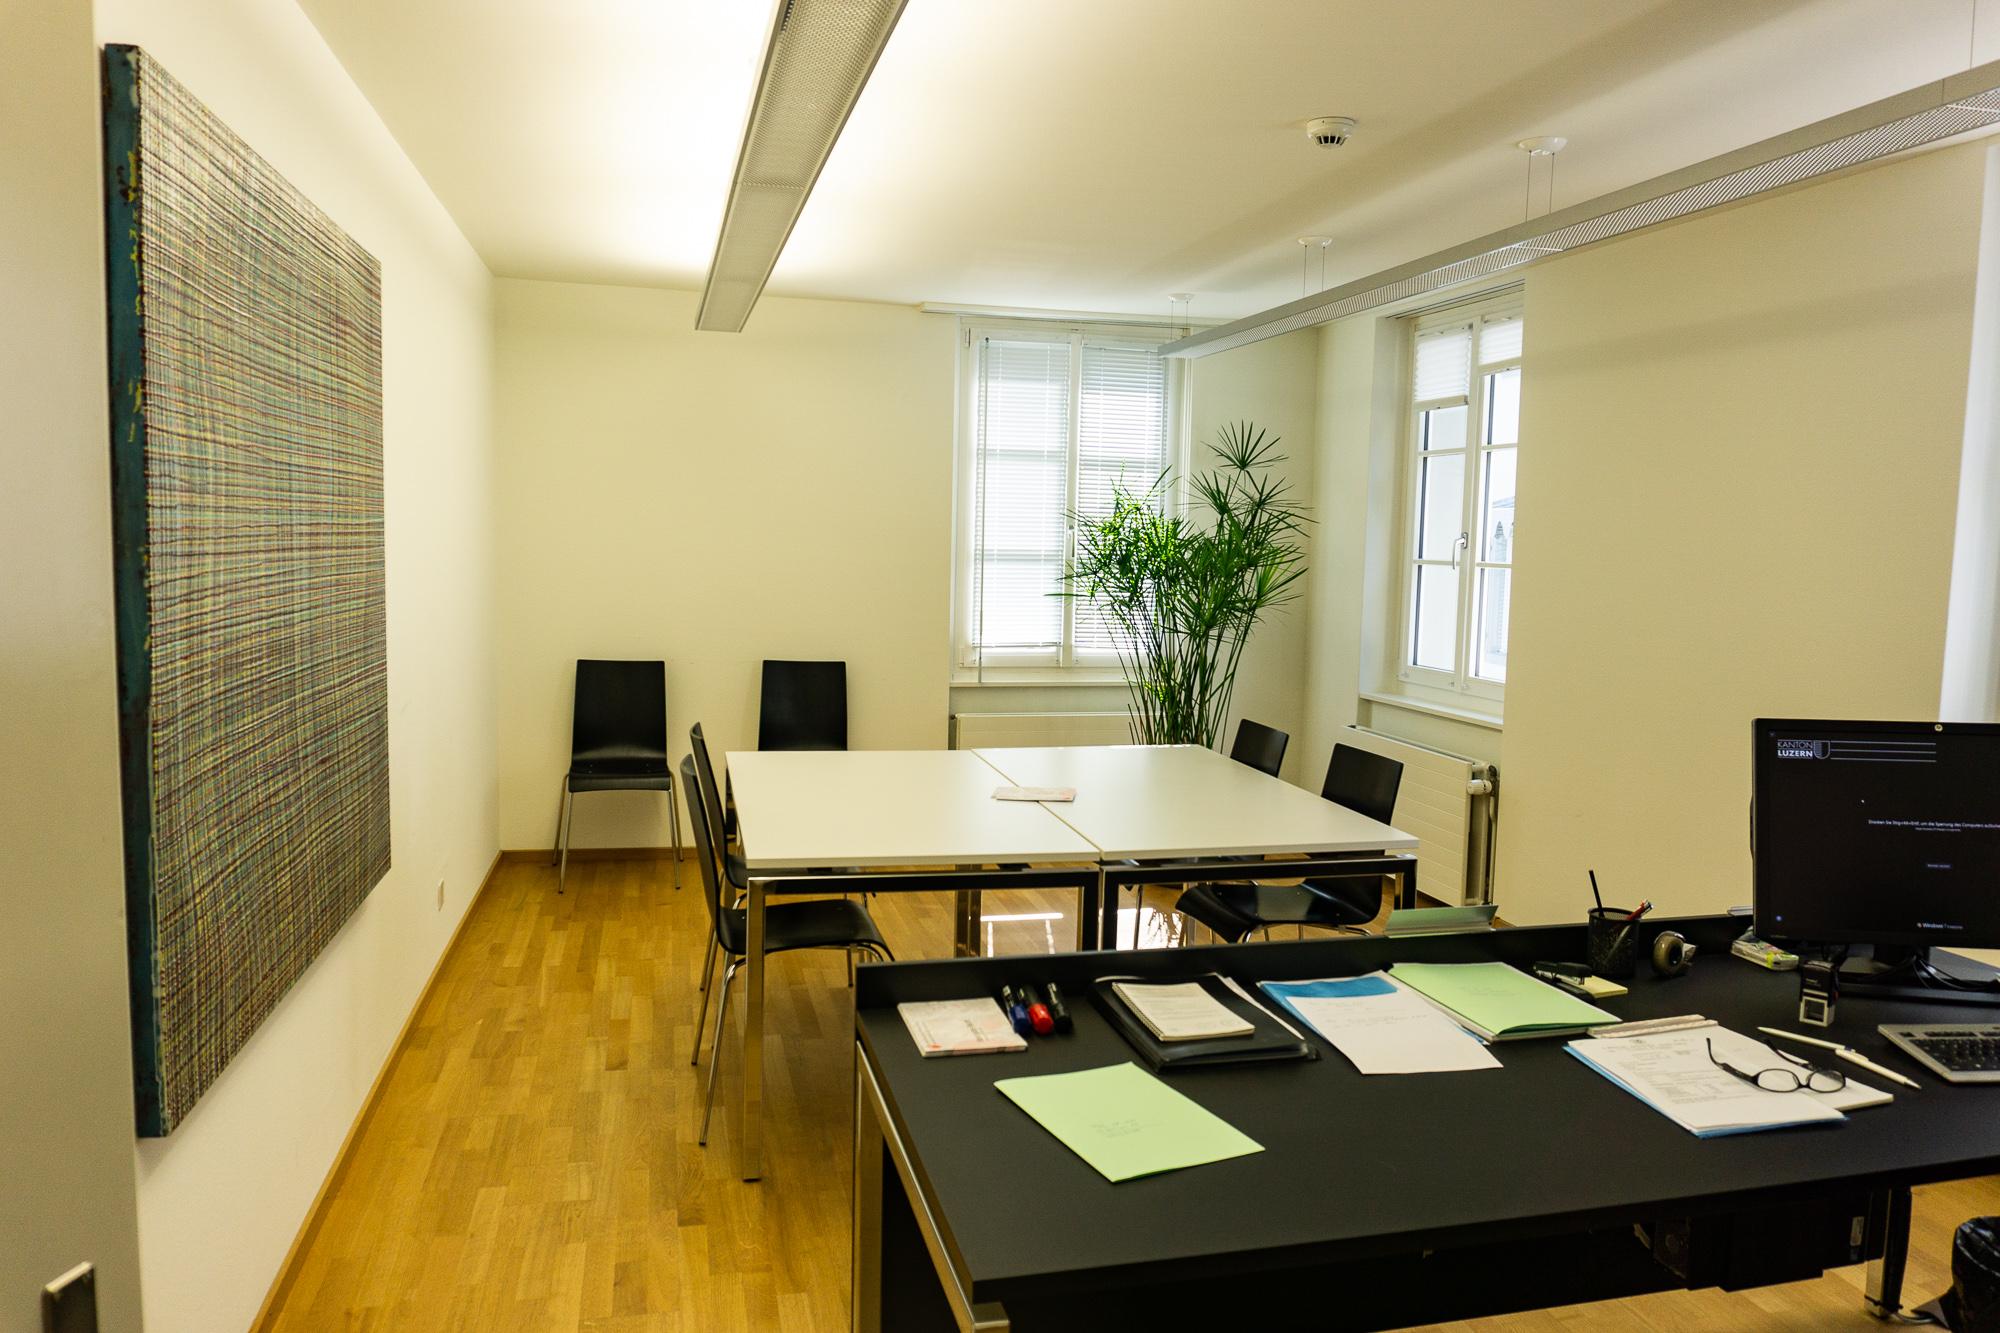 Hier wird gefeilscht: Das Zimmer für Schlichtungsverhandlungen am Bezirksgericht in der Luzerner Altstadt.